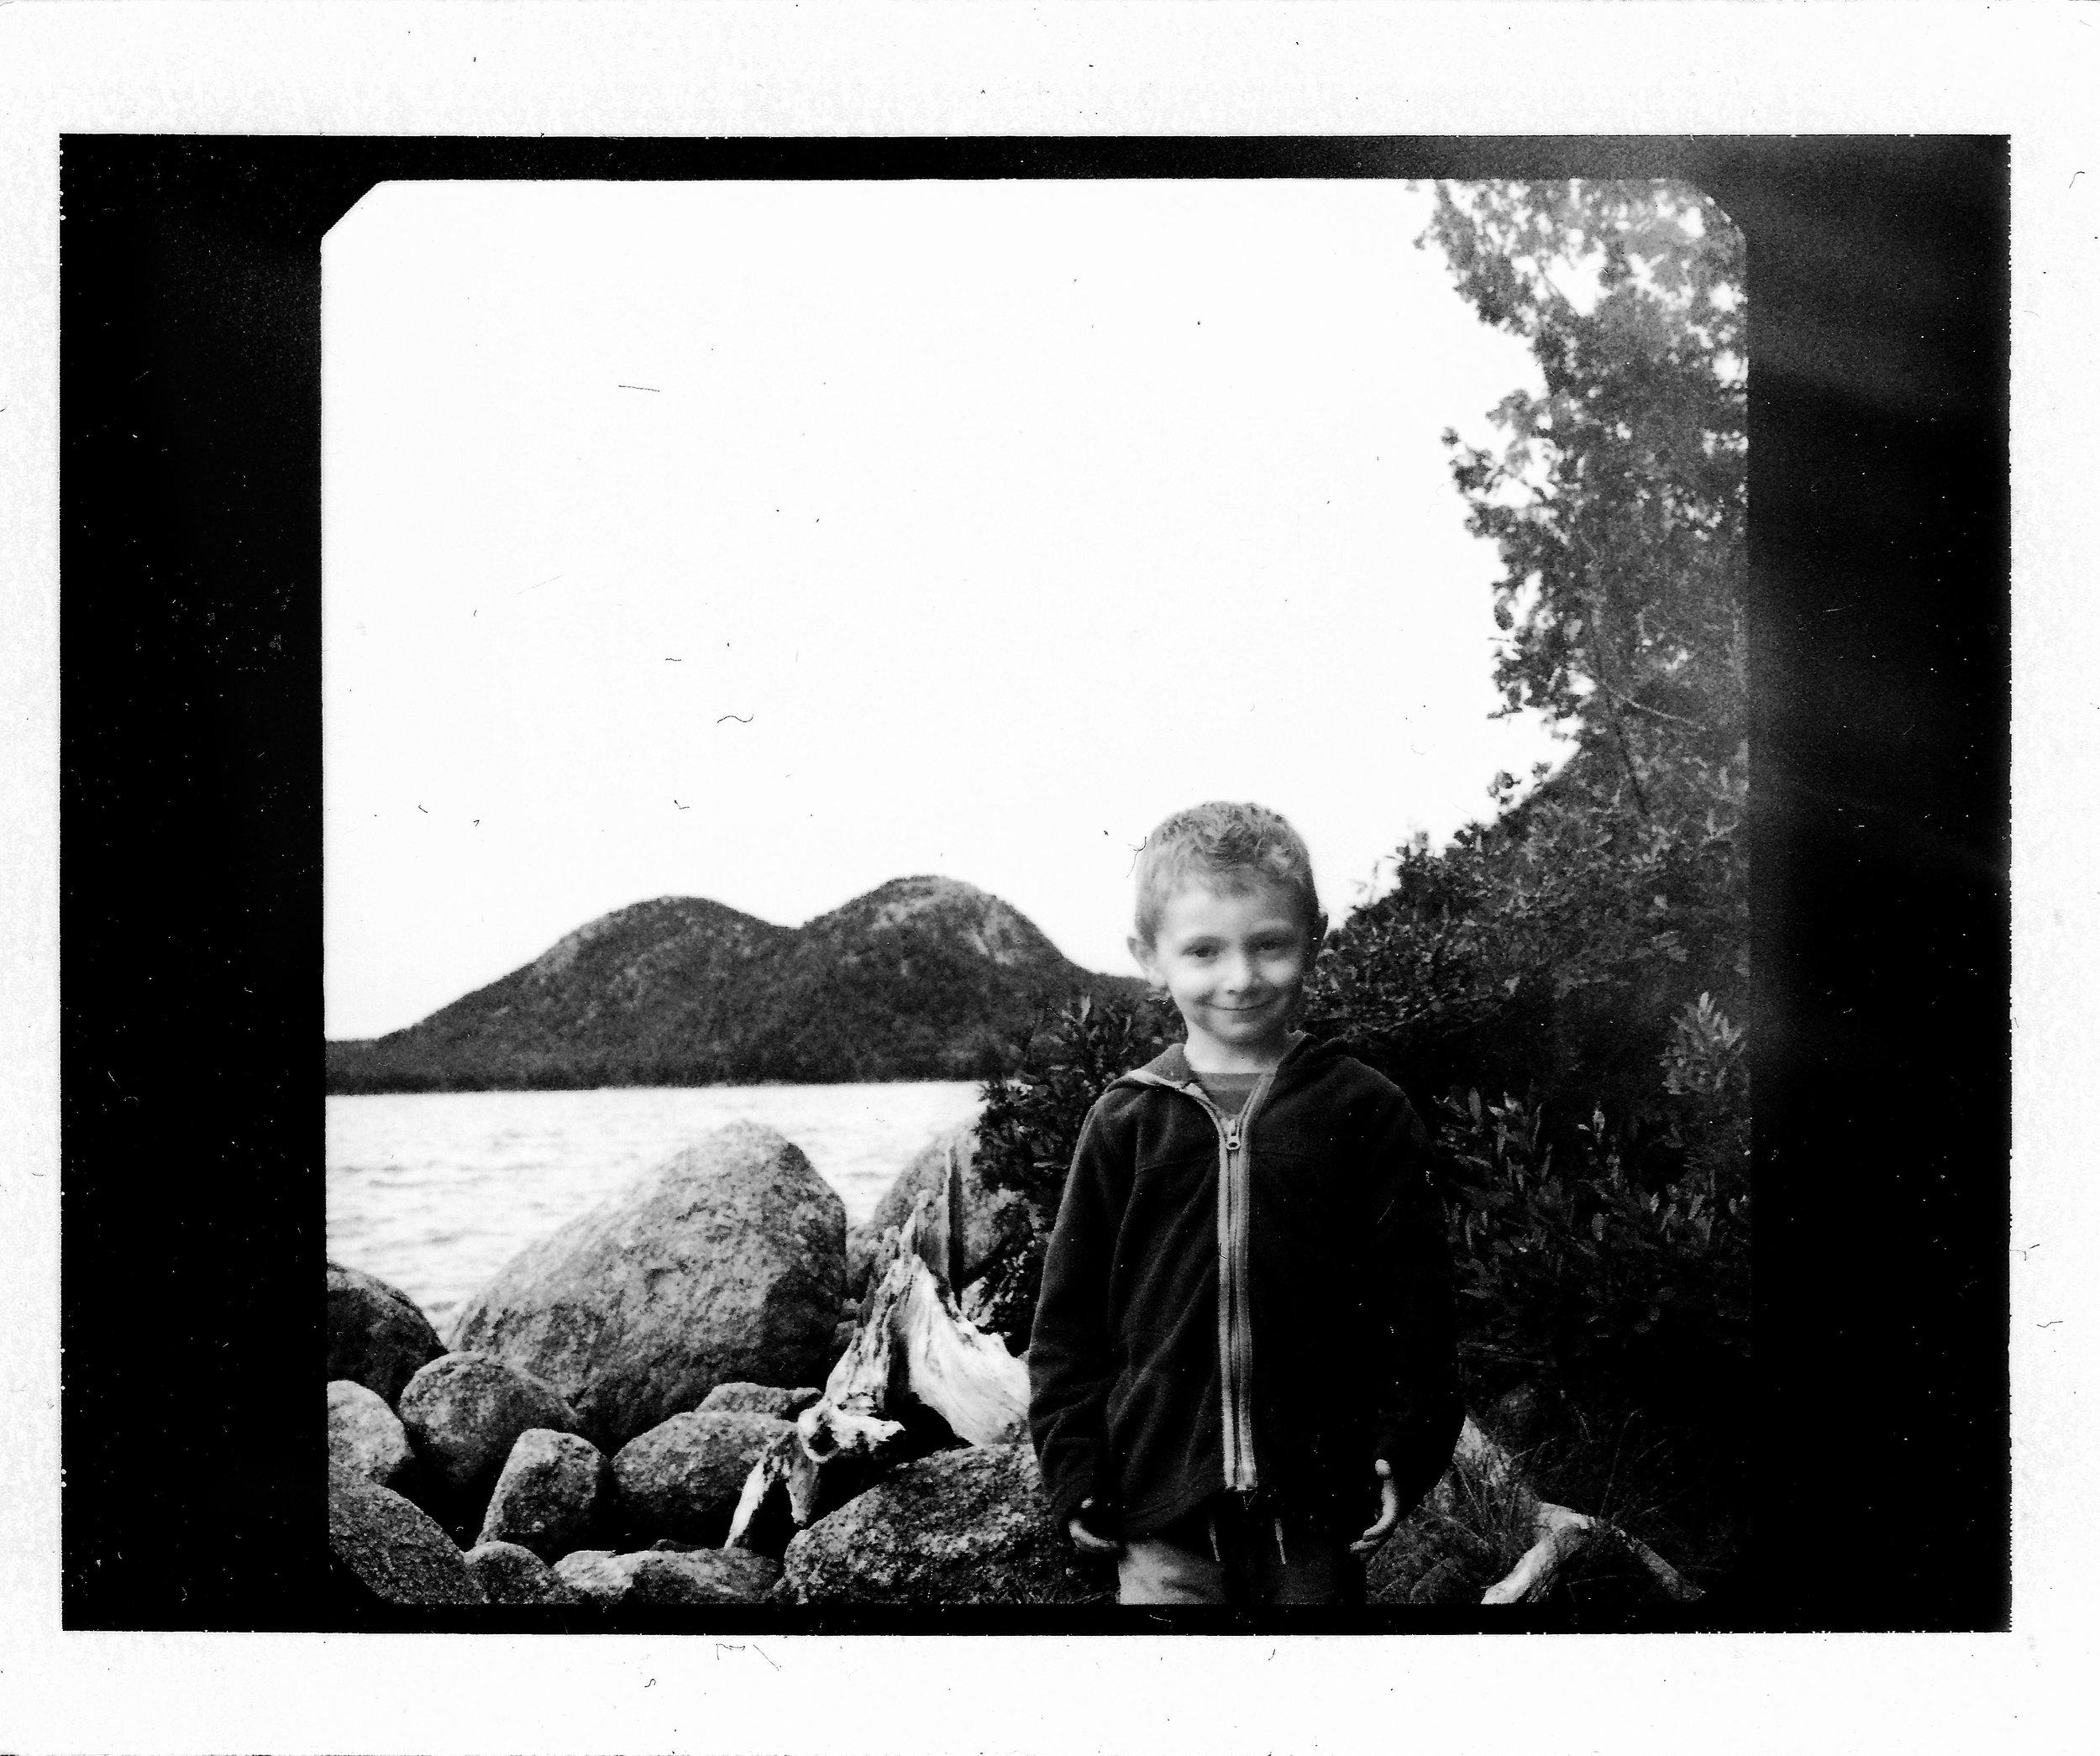 jay-cassario-polaroid-RZ670005.jpg